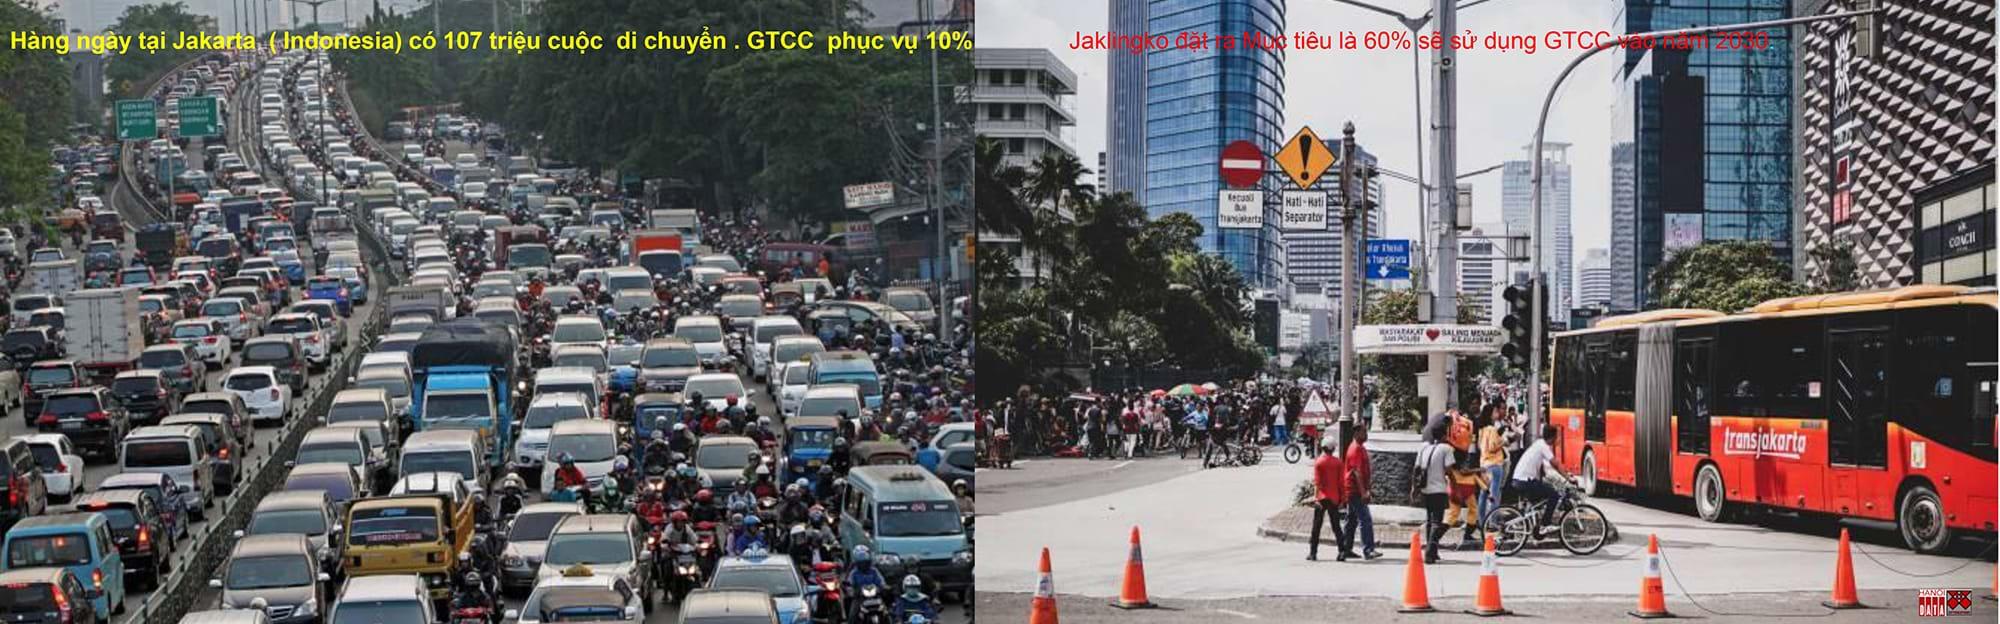 Hình ảnh Jakarta trước và sau thực hiện chương trình Jaklingk. Nguồn: Hanoidata & City Solution